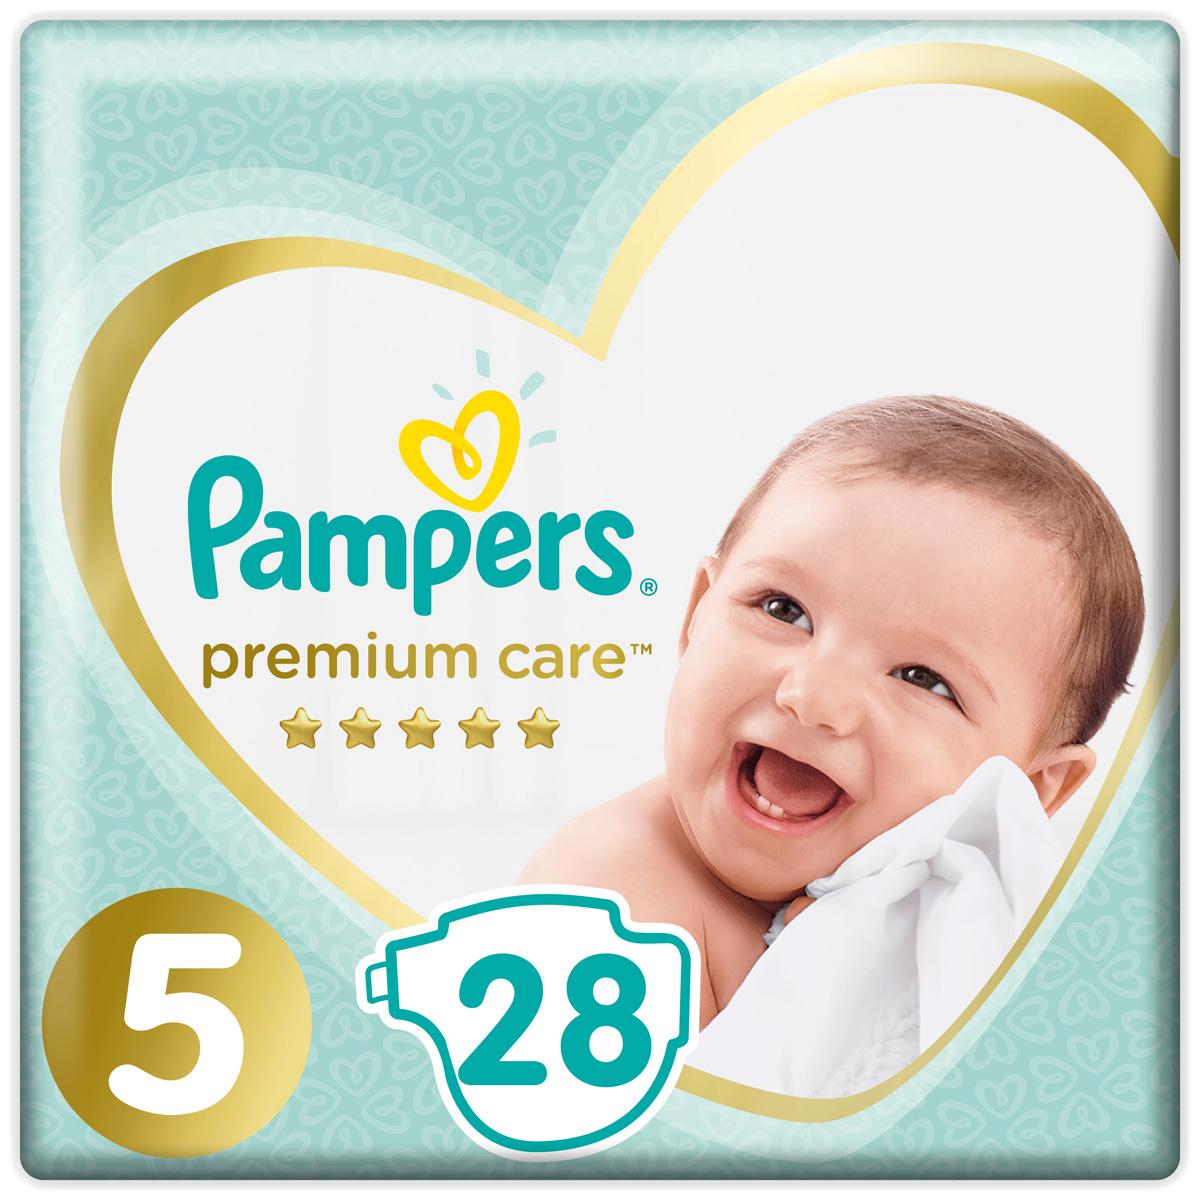 Pampers Подгузники Premium Care 11+ кг (размер 5) 28 штPA-81659031Окружите вашего малыша идеальным комфортом и защитой с подгузниками Pampers Premium Care, рекомендованными российскими педиатрами. Это мягкие, как пух, дышащие и отлично впитывающие влагу и жидкий стул подгузники. Их уникальный верхний слой создан специально для идеального комфорта и защиты кожи малыша. • Рекомендован российскими педиатрами. • Уникальный верхний слой: быстро впитывает влагу и жидкий стул. • Мягкий, как пух: окружает малыша непревзойденной мягкостью. • Специальный вырез для пупка: идеальная посадка защищает нежный животик вашего ребенка. • Воздушные каналы: воздушная сухость и защита до 12 часов. • Индикатор влаги: показывает, когда пришло время менять подгузник.